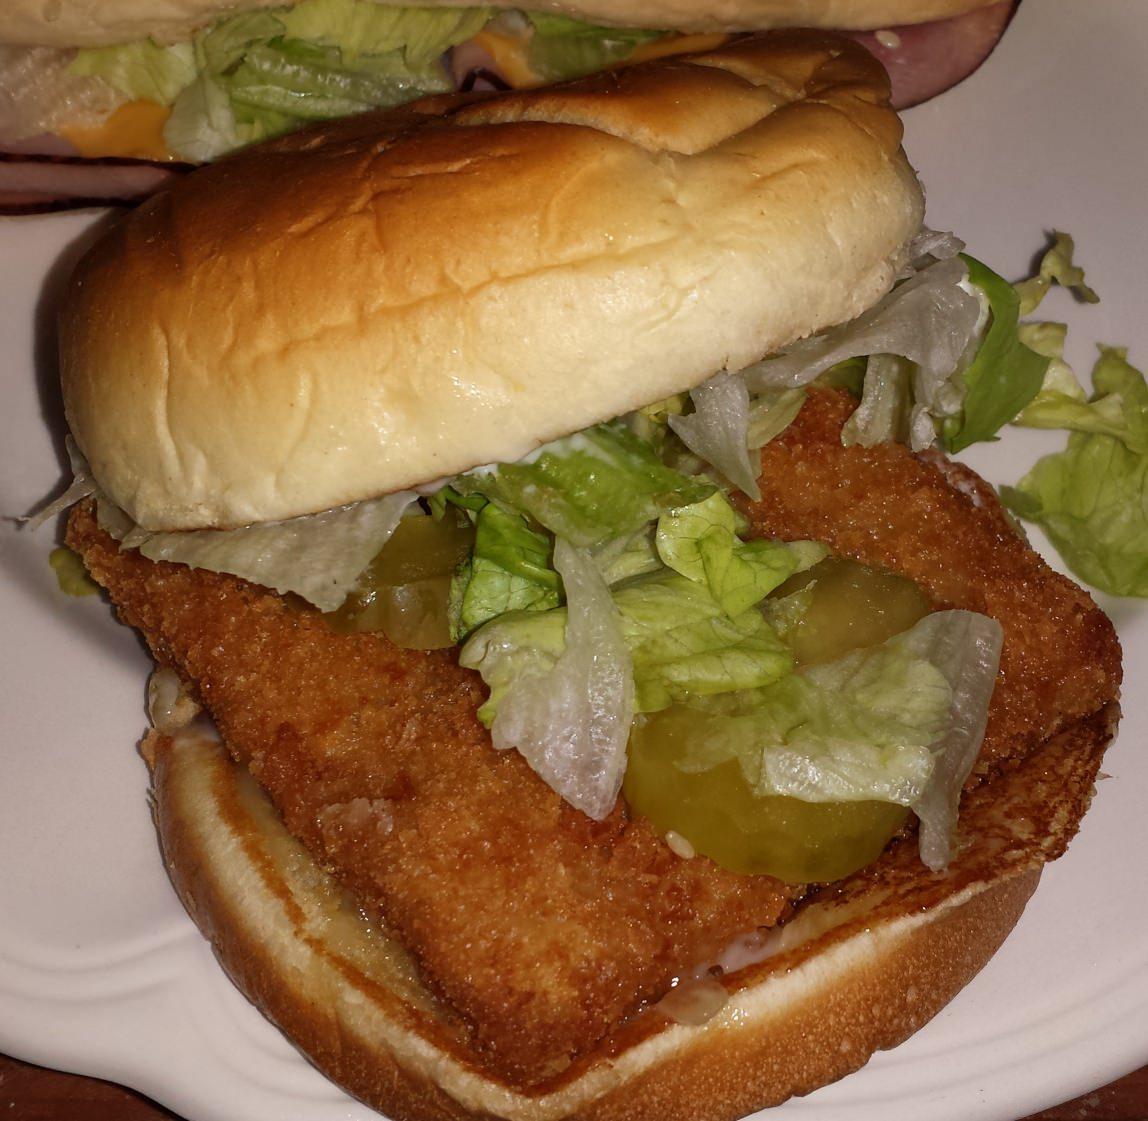 Lawrence Fish Burger